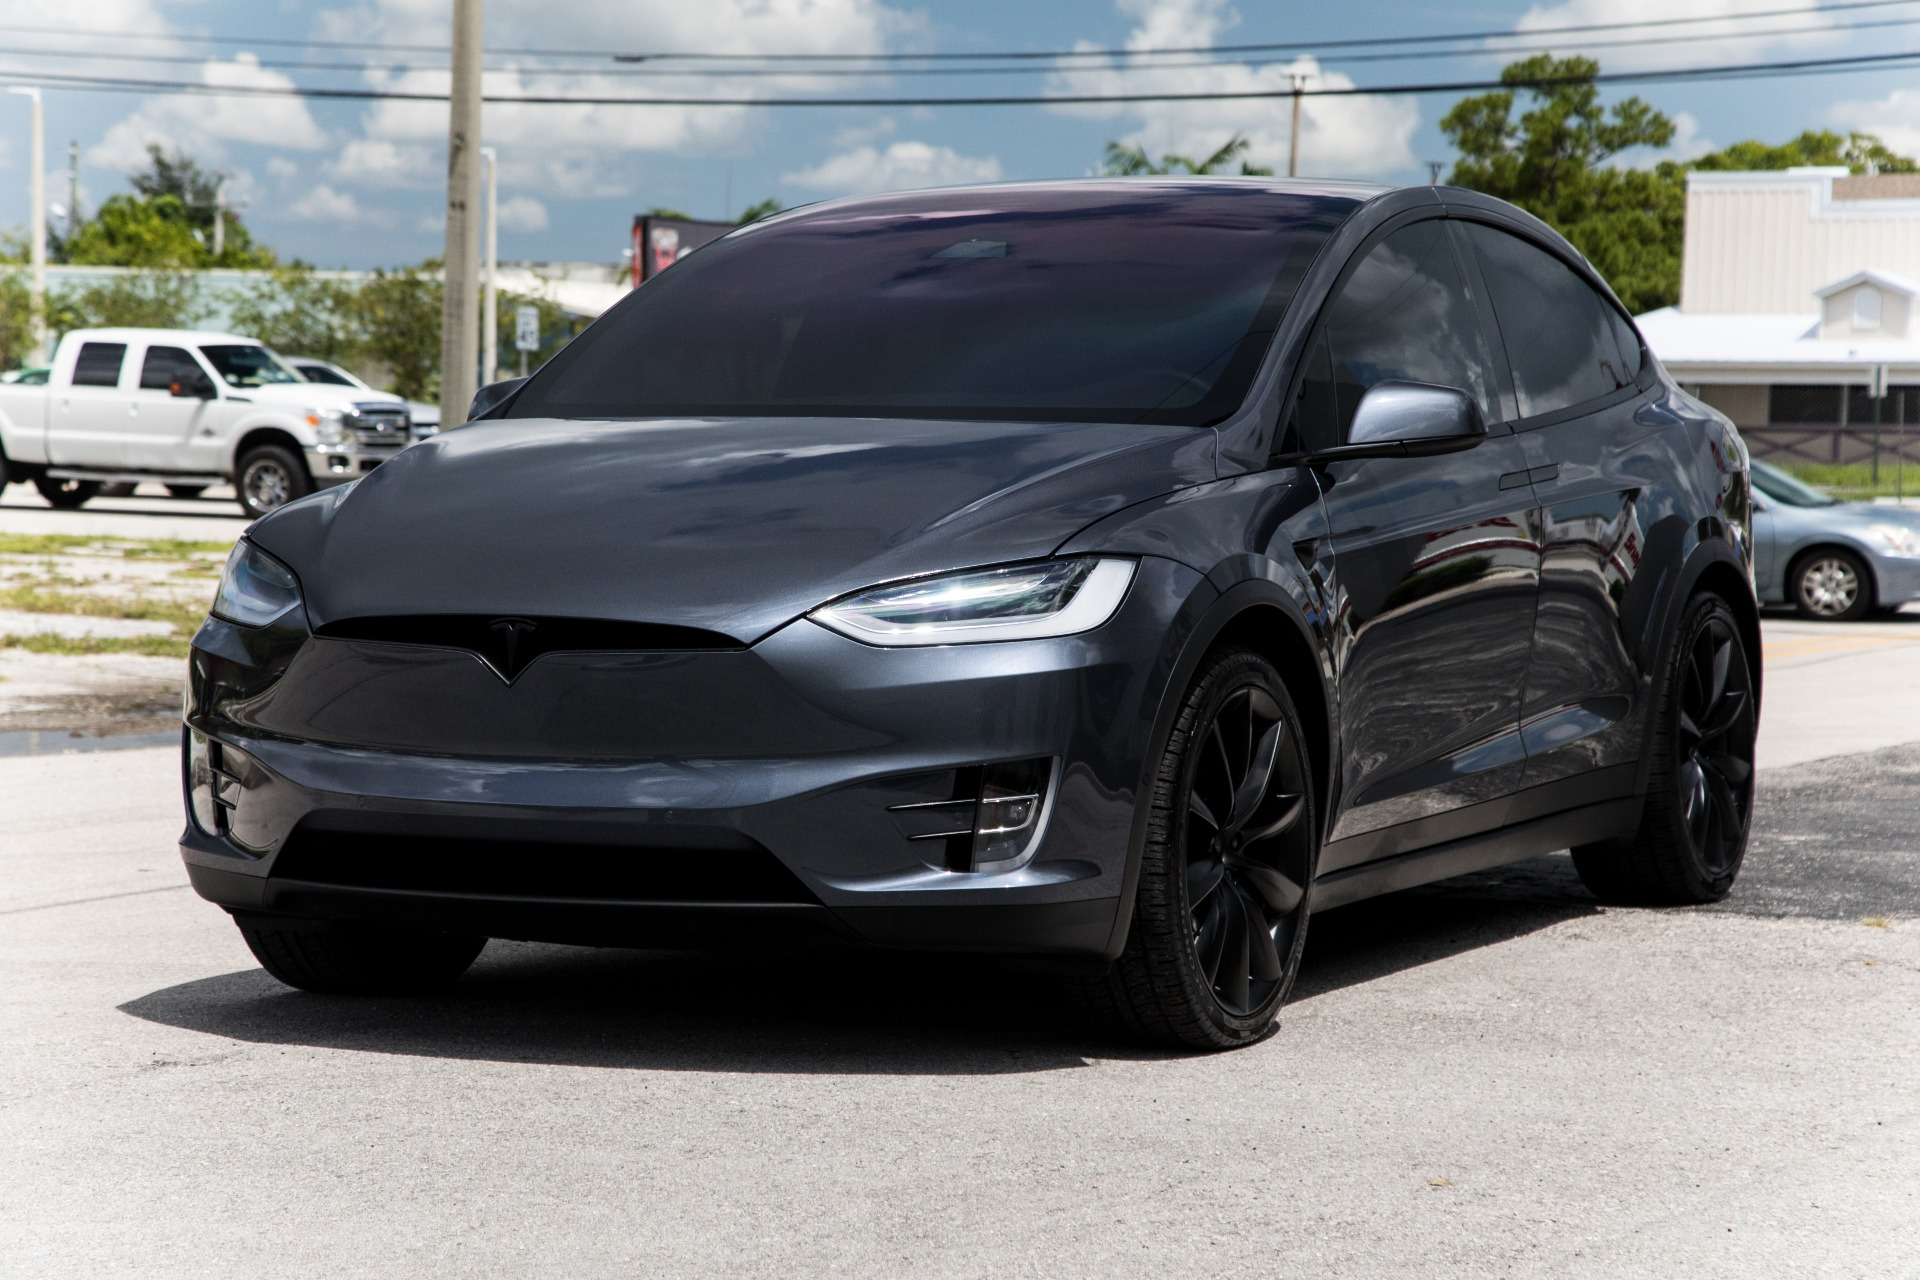 Used-2020-Tesla-Model-X-Long-Range